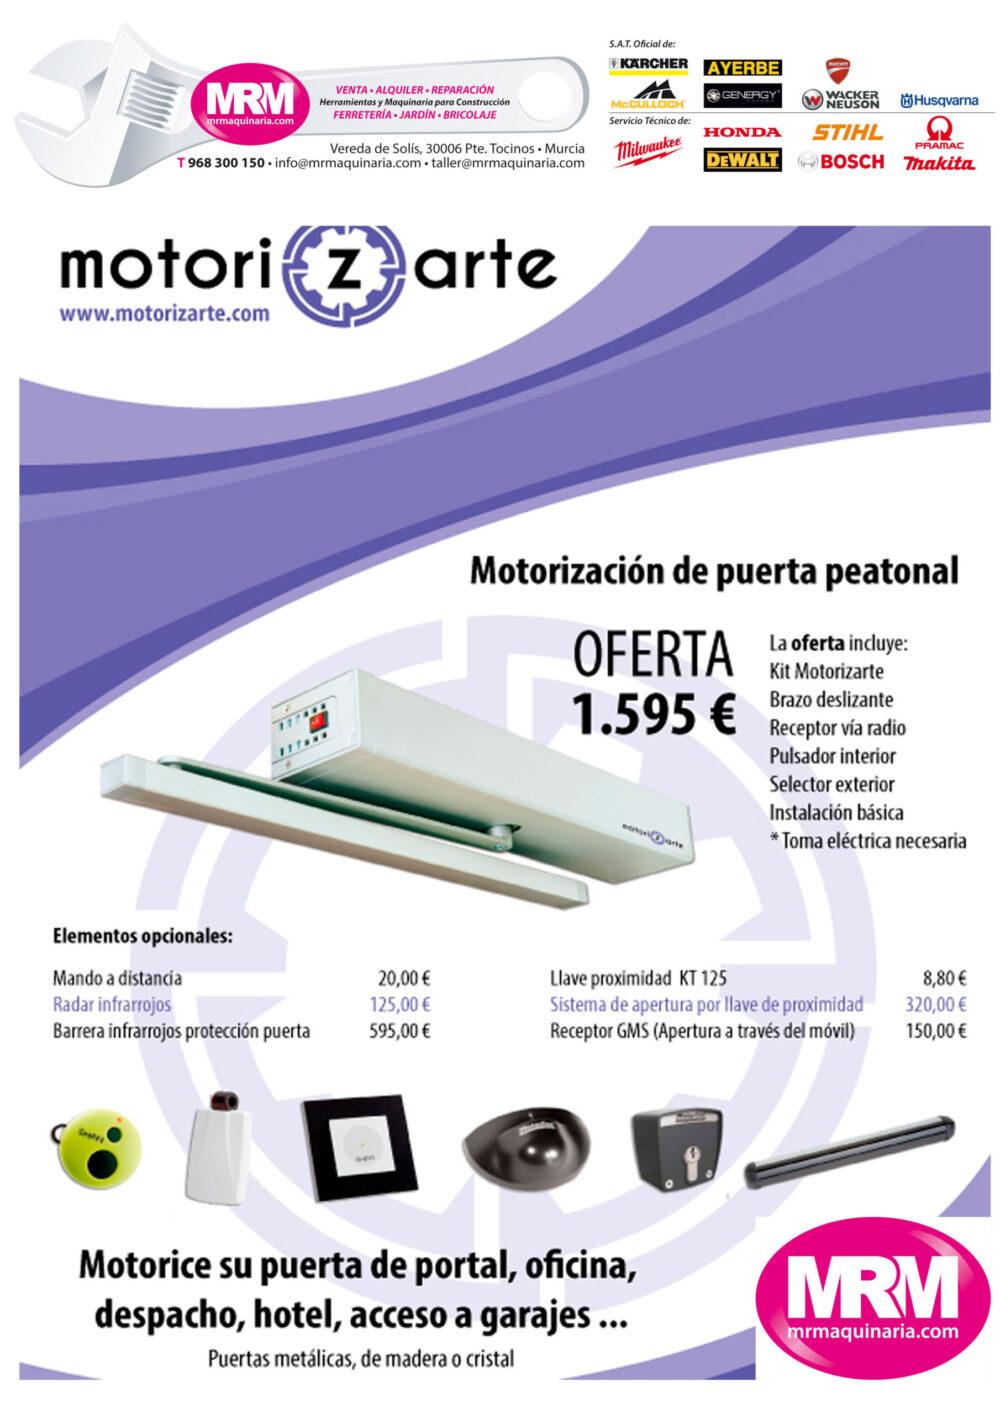 Oferta en motorización de puerta peatonal con MRM Maquinaria y Motirizarte en Alicante y Murcia